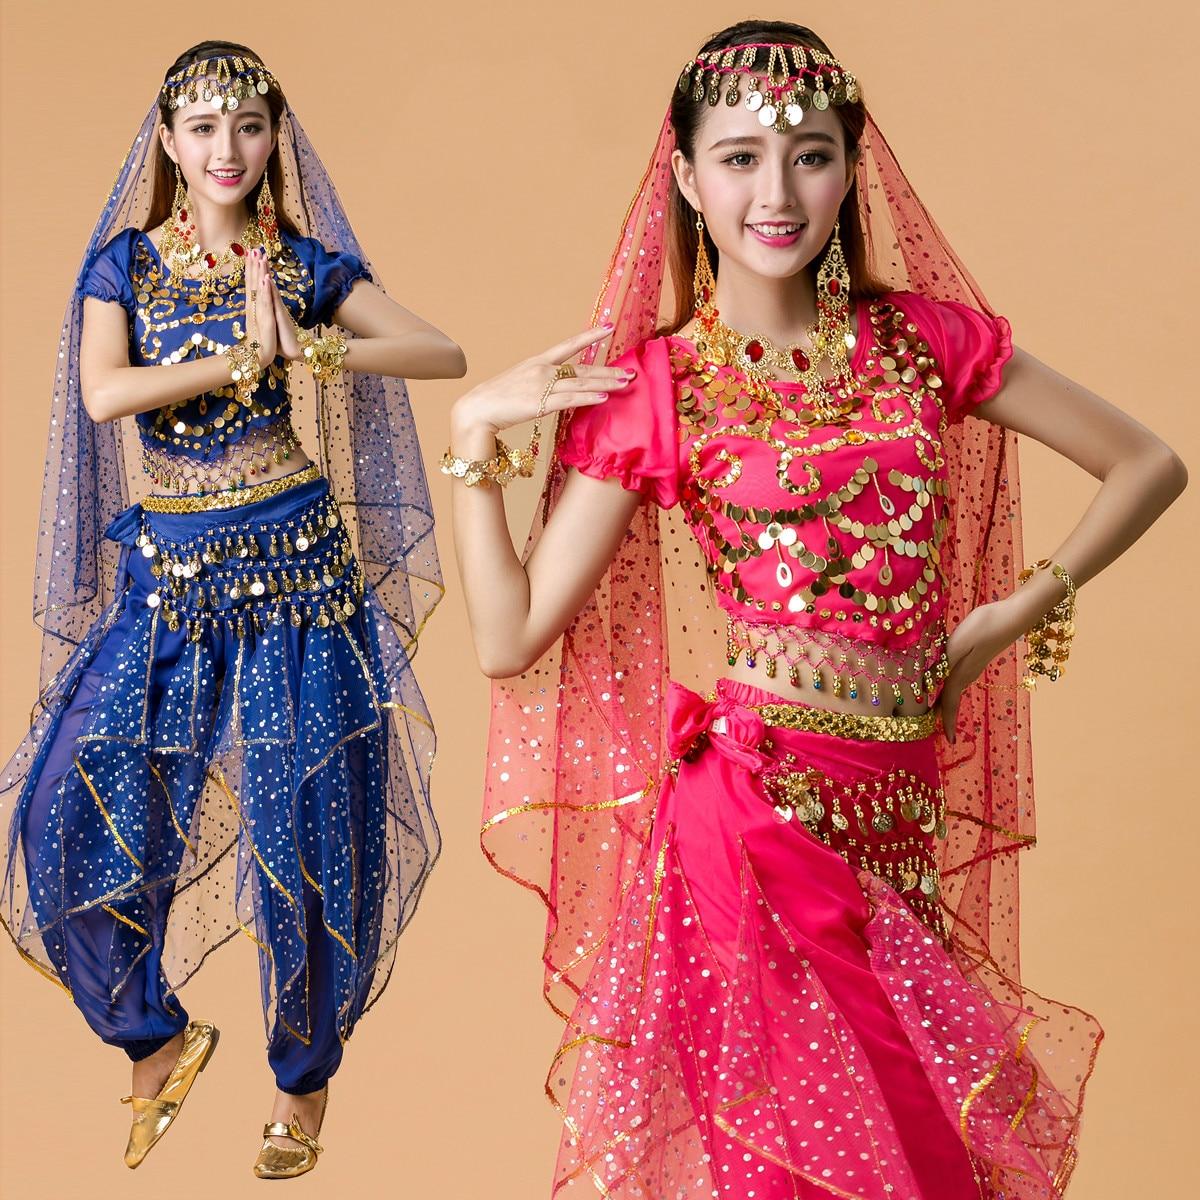 bauchtanz kostüm bollywood kostüm indischen kleid bellydance kleid frauen  bauchtanz kostüm sets